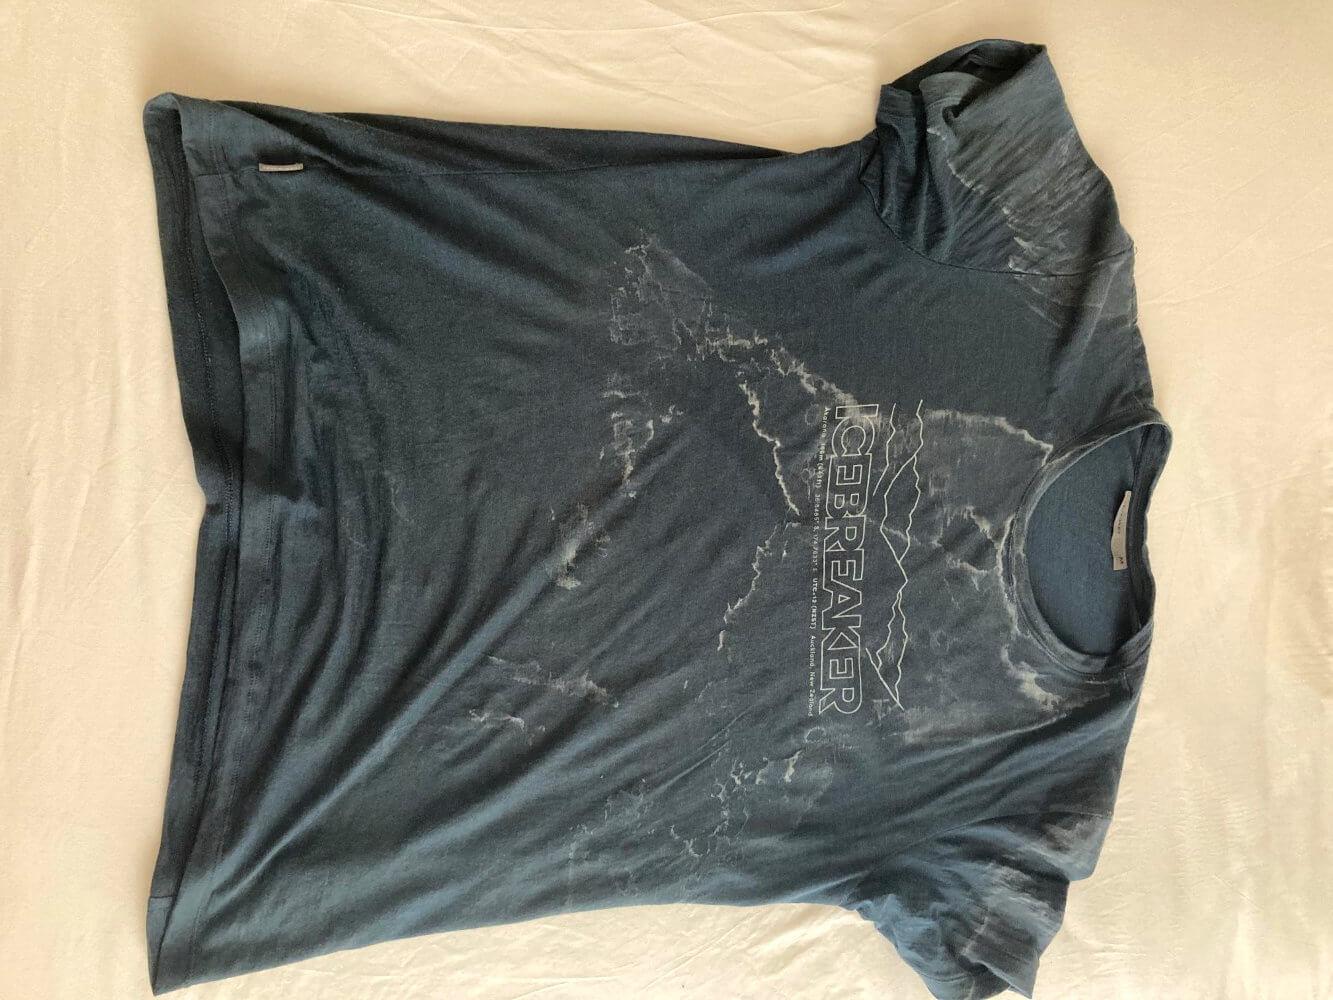 Durchgeschwitztes T-Shirt nach einem Tag auf dem E4.